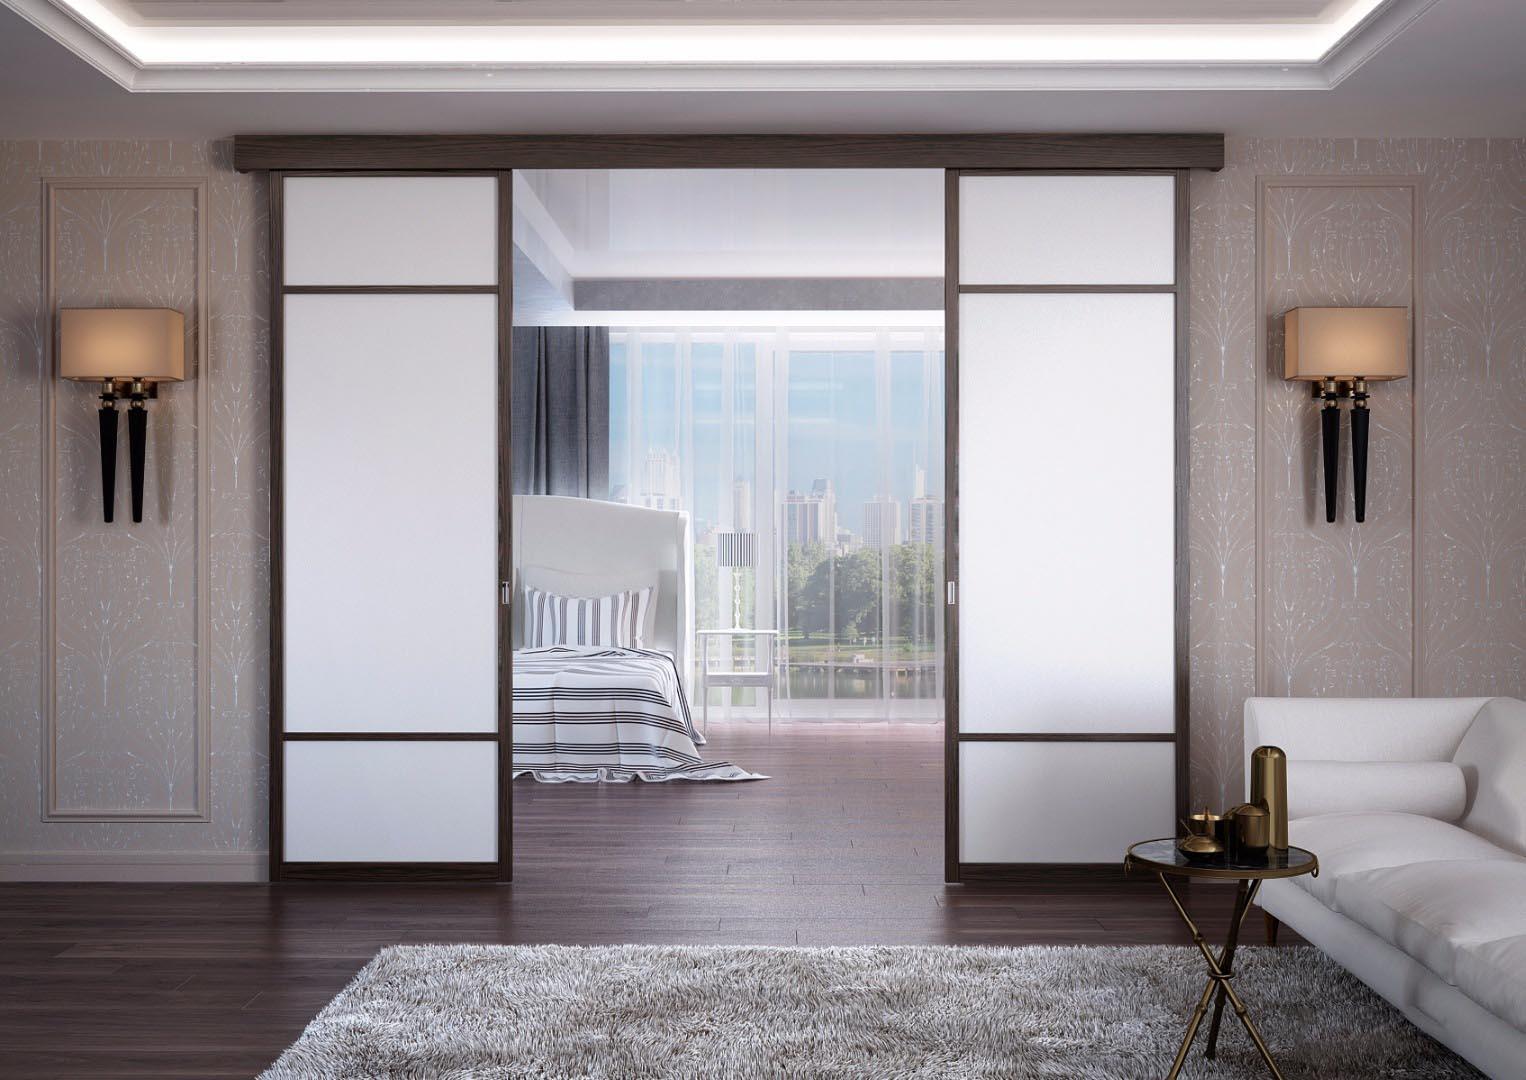 Сдвижные межкомнатные двери: преимущества и недостатки, виды, установка | двери дома